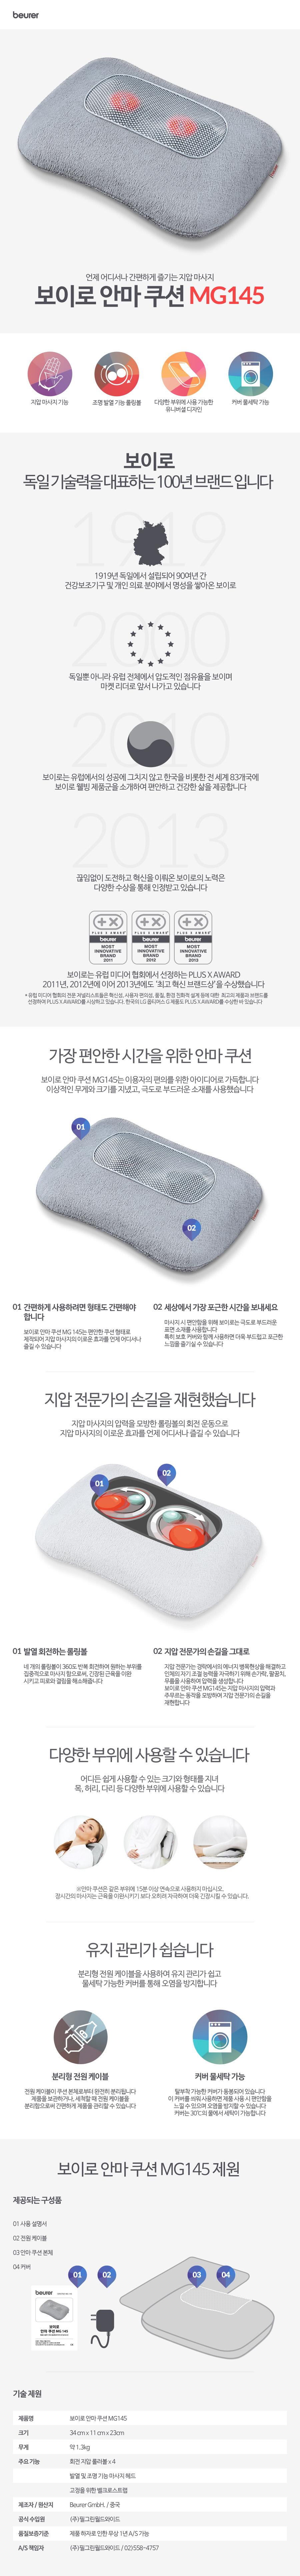 보이로 안마쿠션 MG145 상세소개